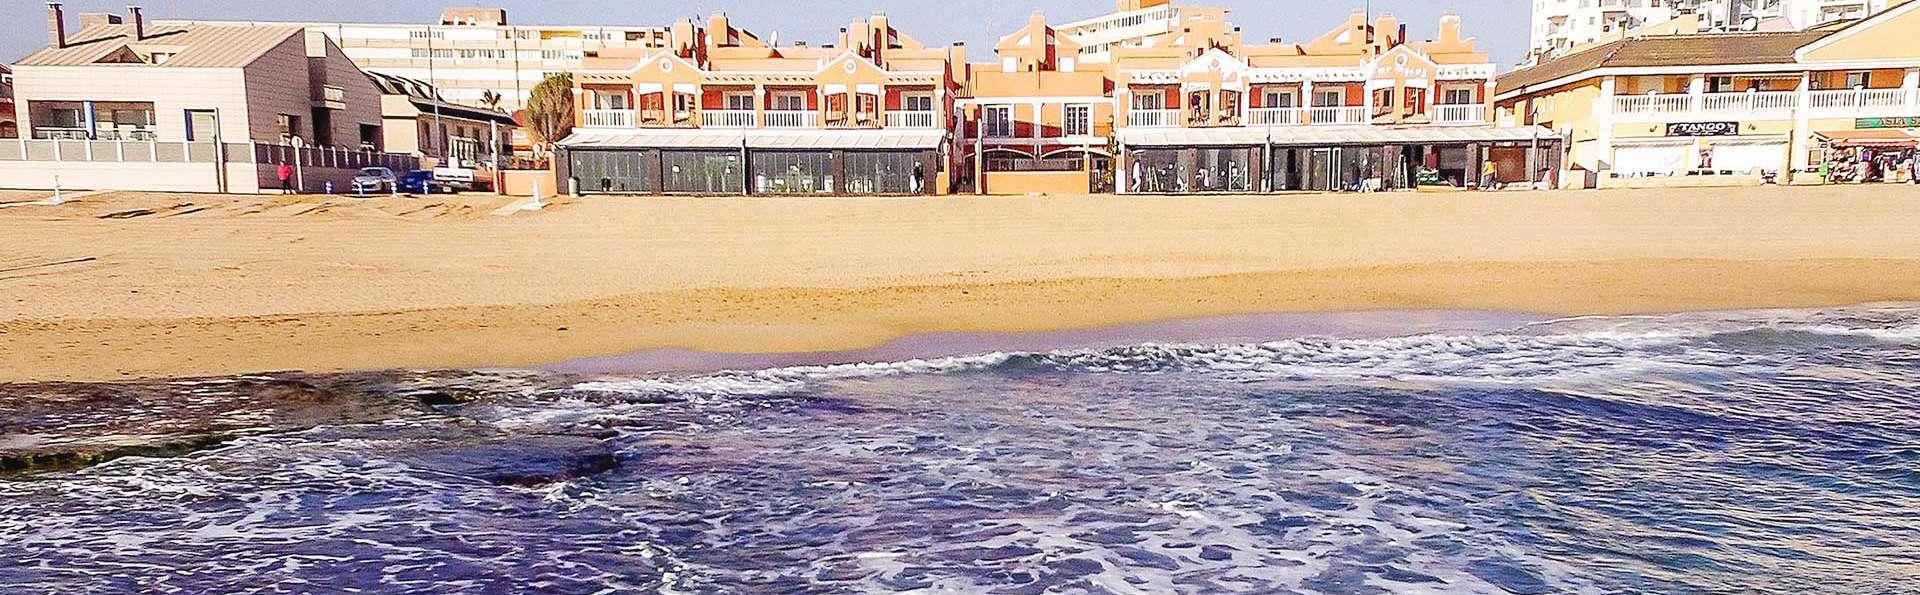 Lloyds Beach Club - EDIT_N2_DESTINATION_01.jpg